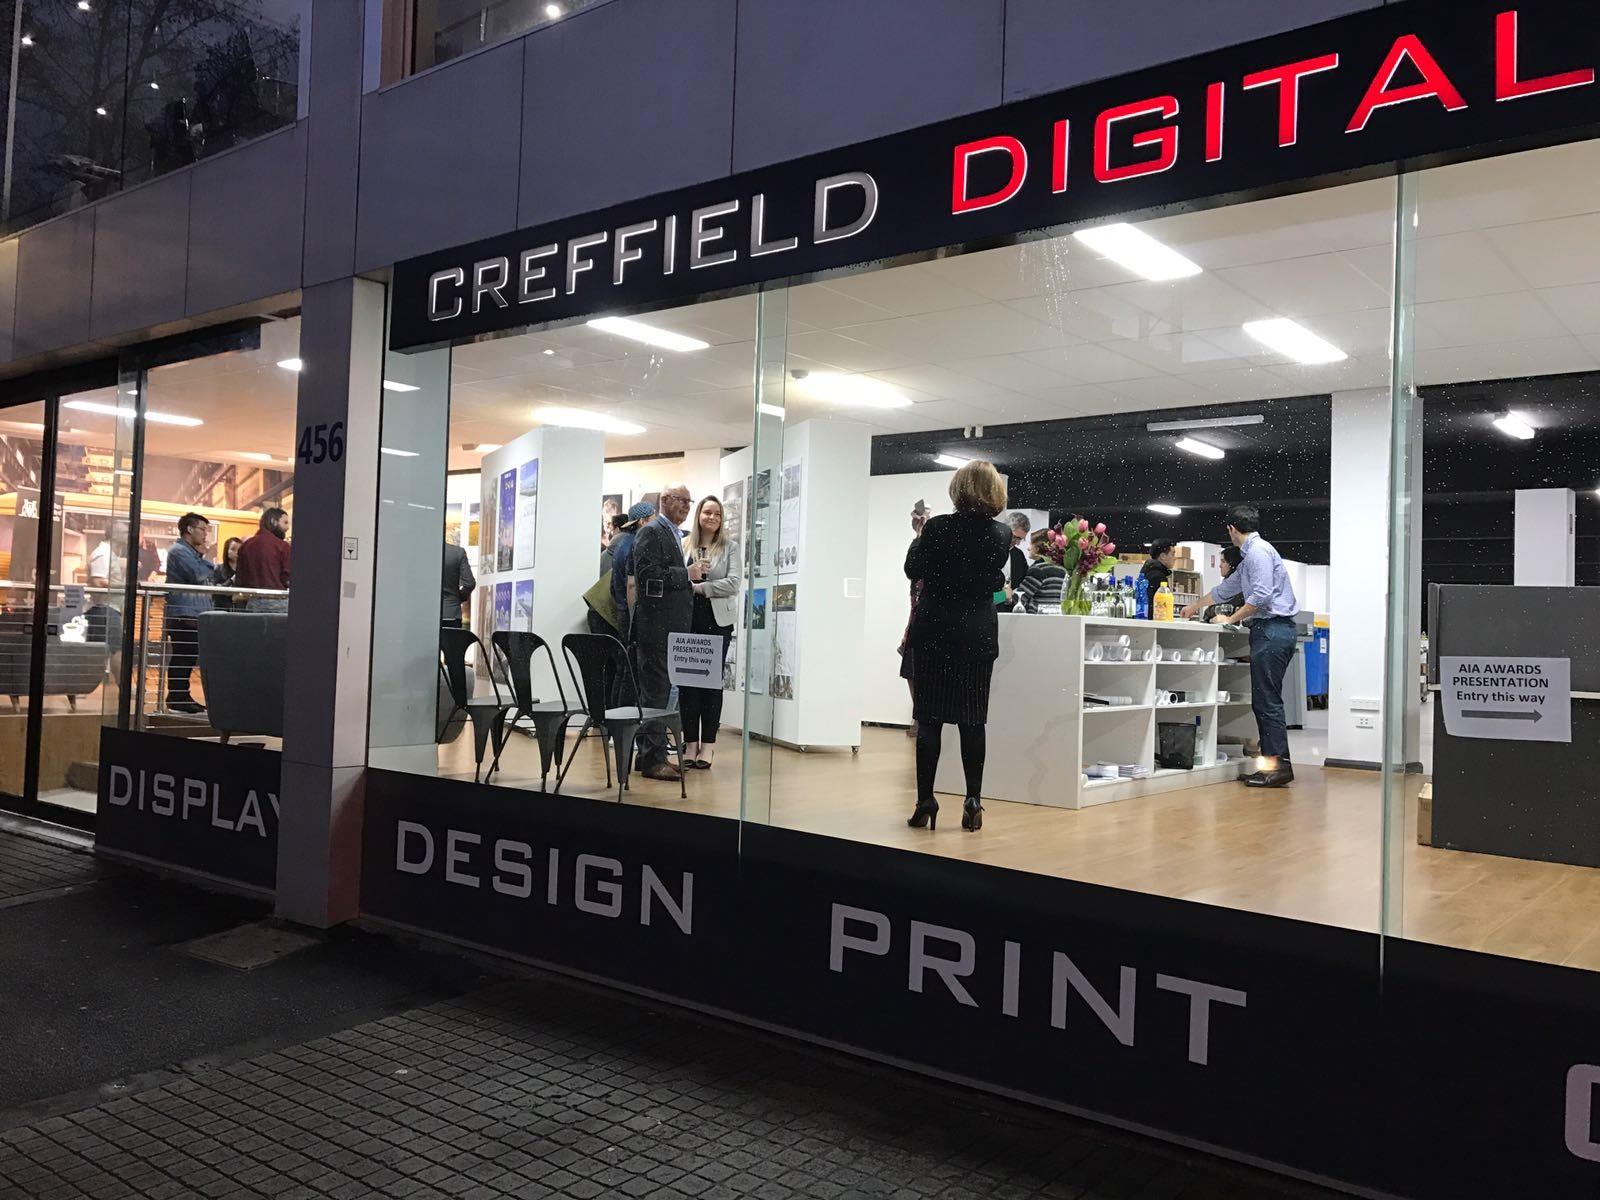 Creffield Exhibition space